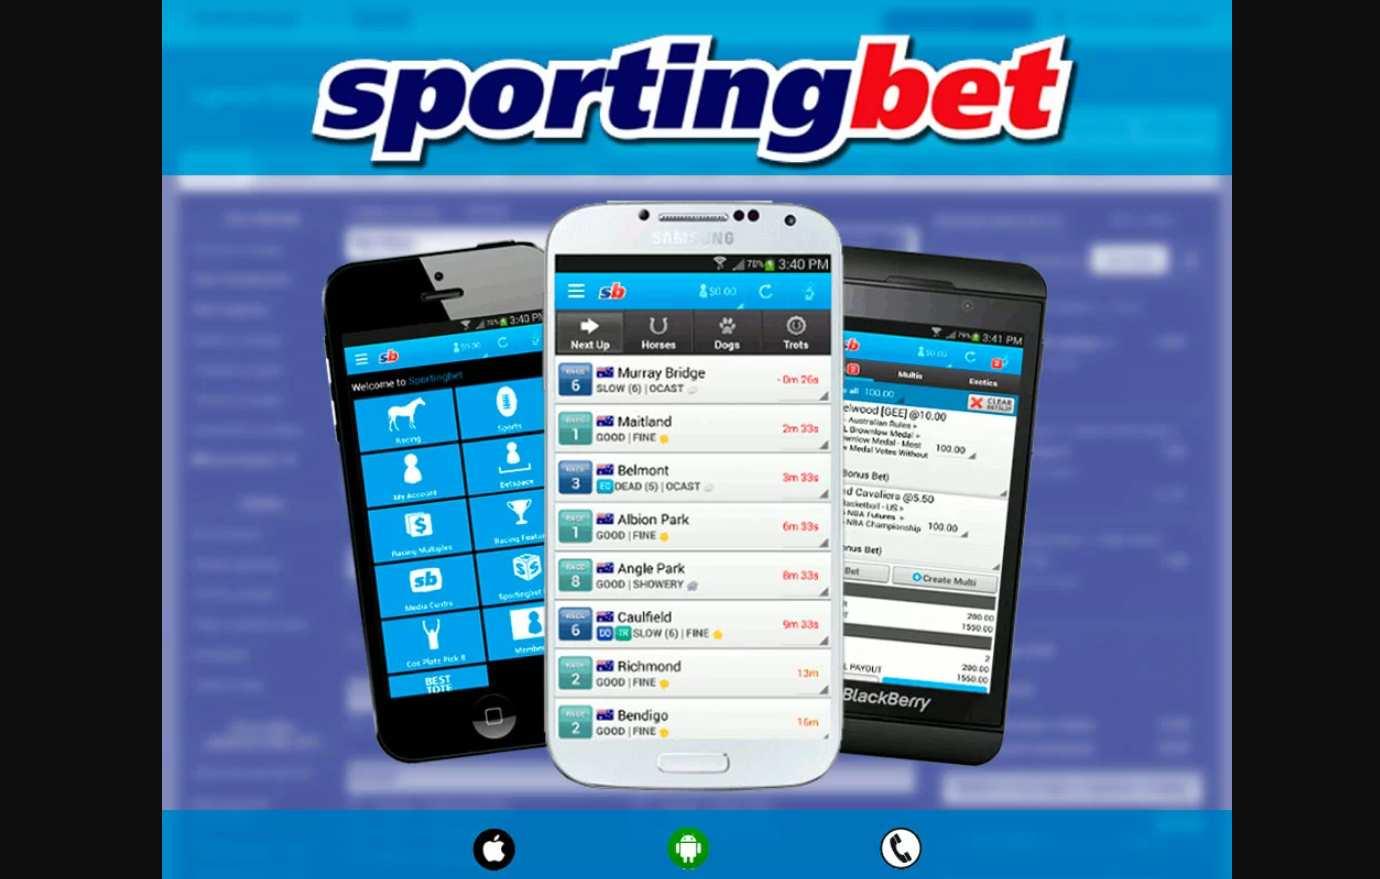 Как да създам акаунт в Sportingbet mobile с мобилния си телефон?